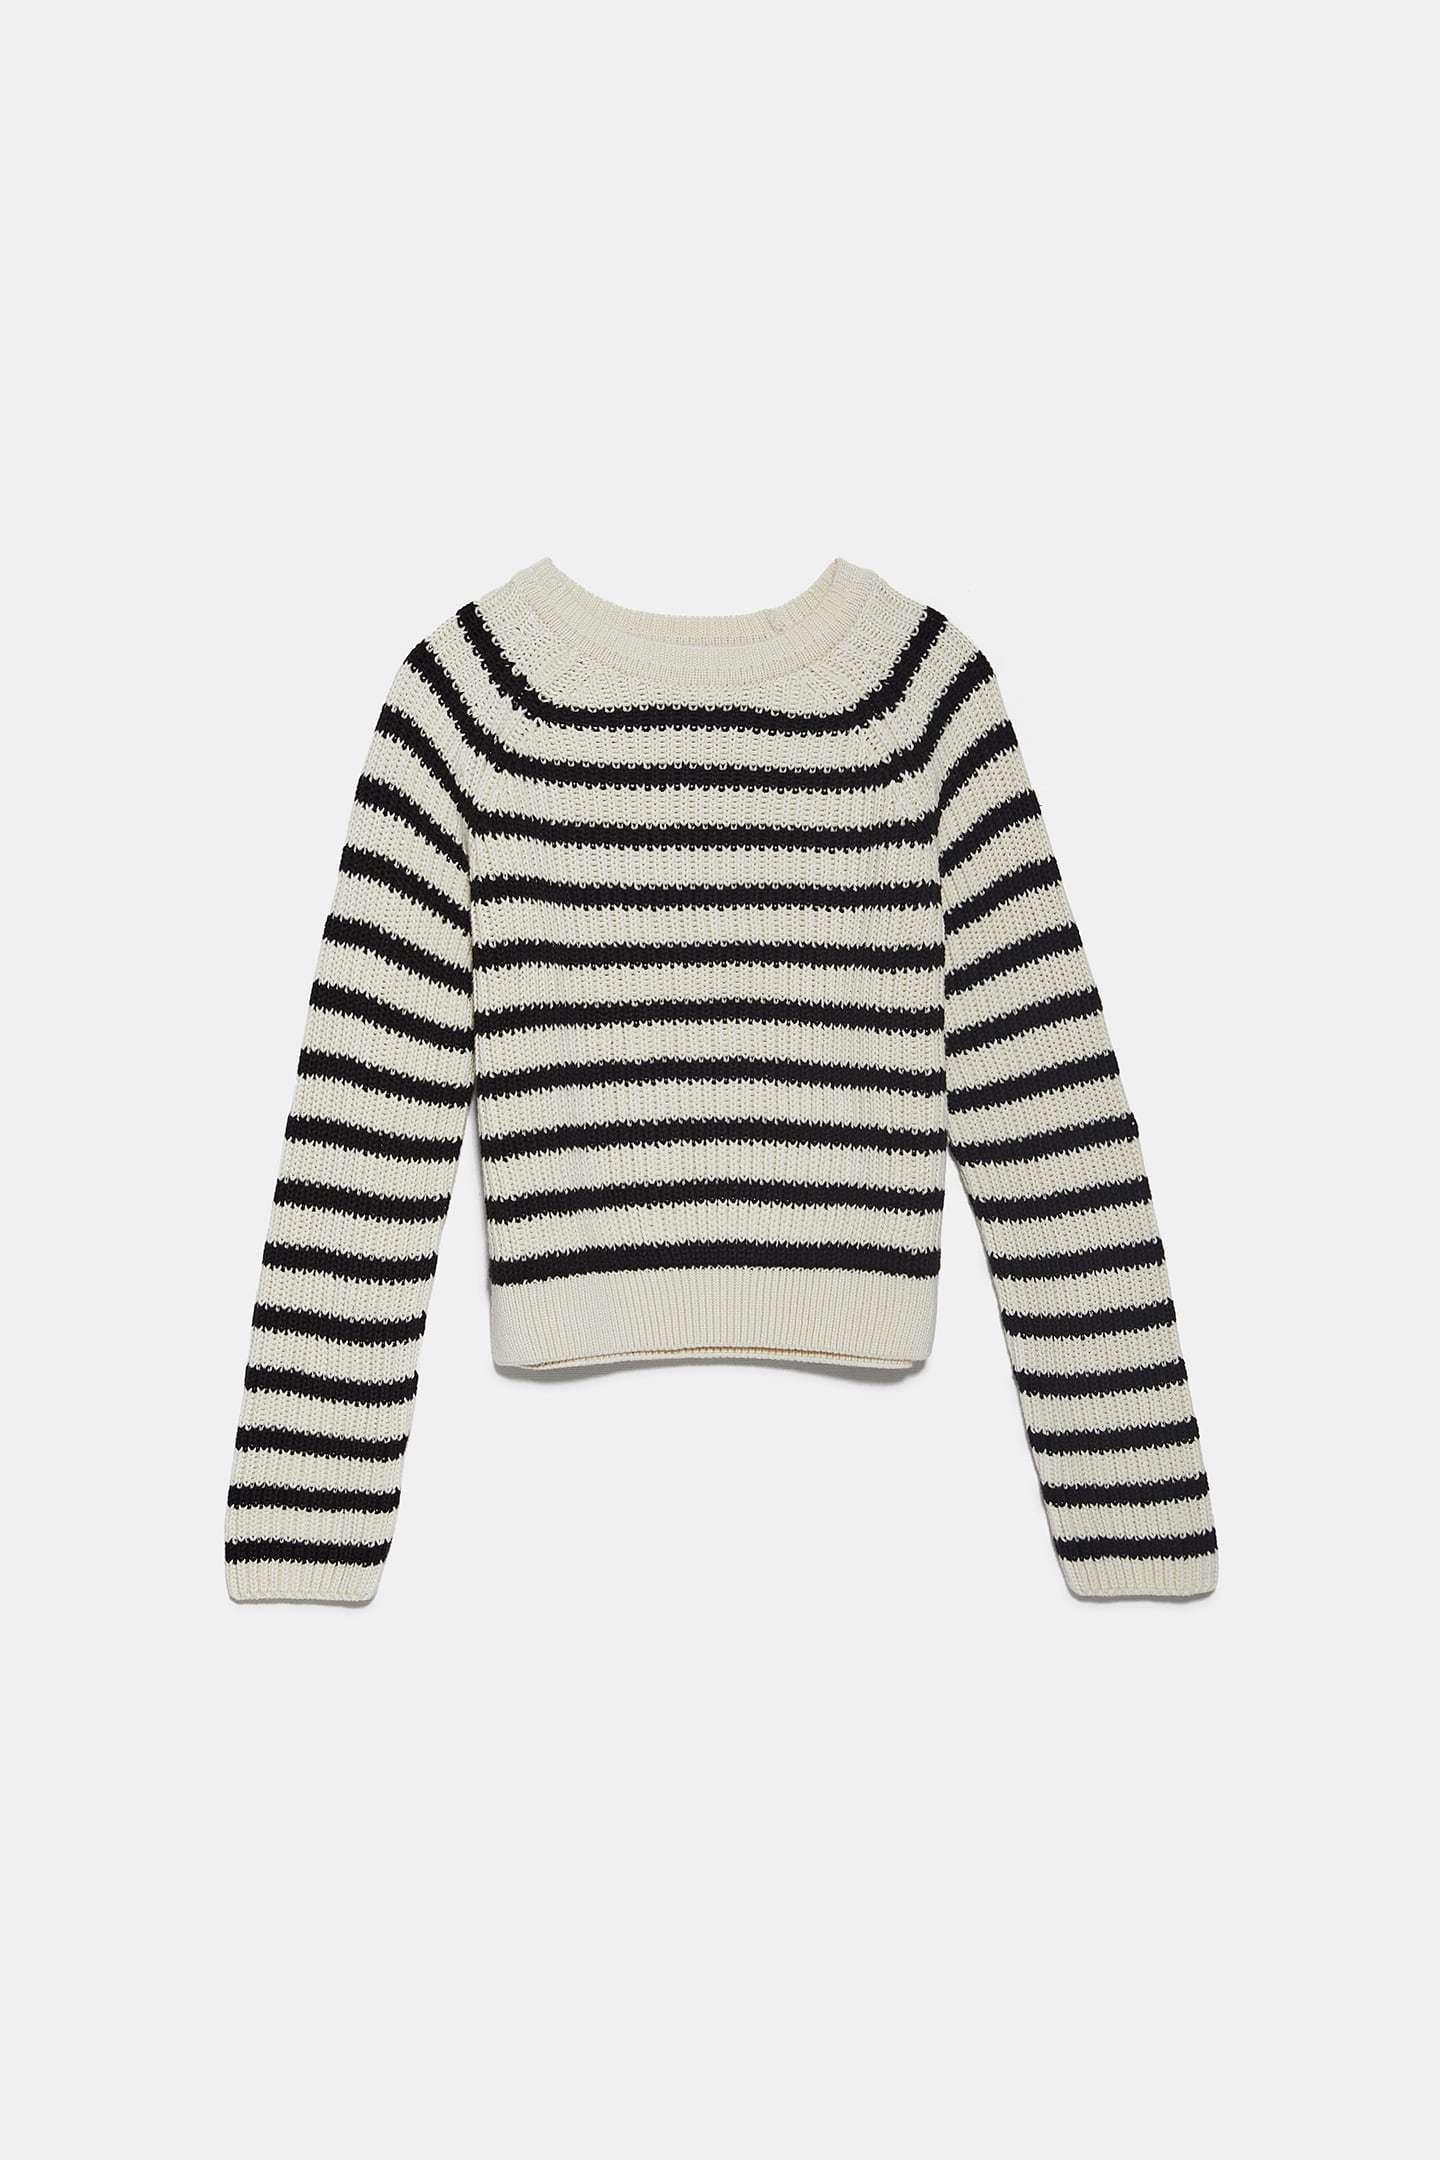 Jersey de punto de Zara (19,95 euros).